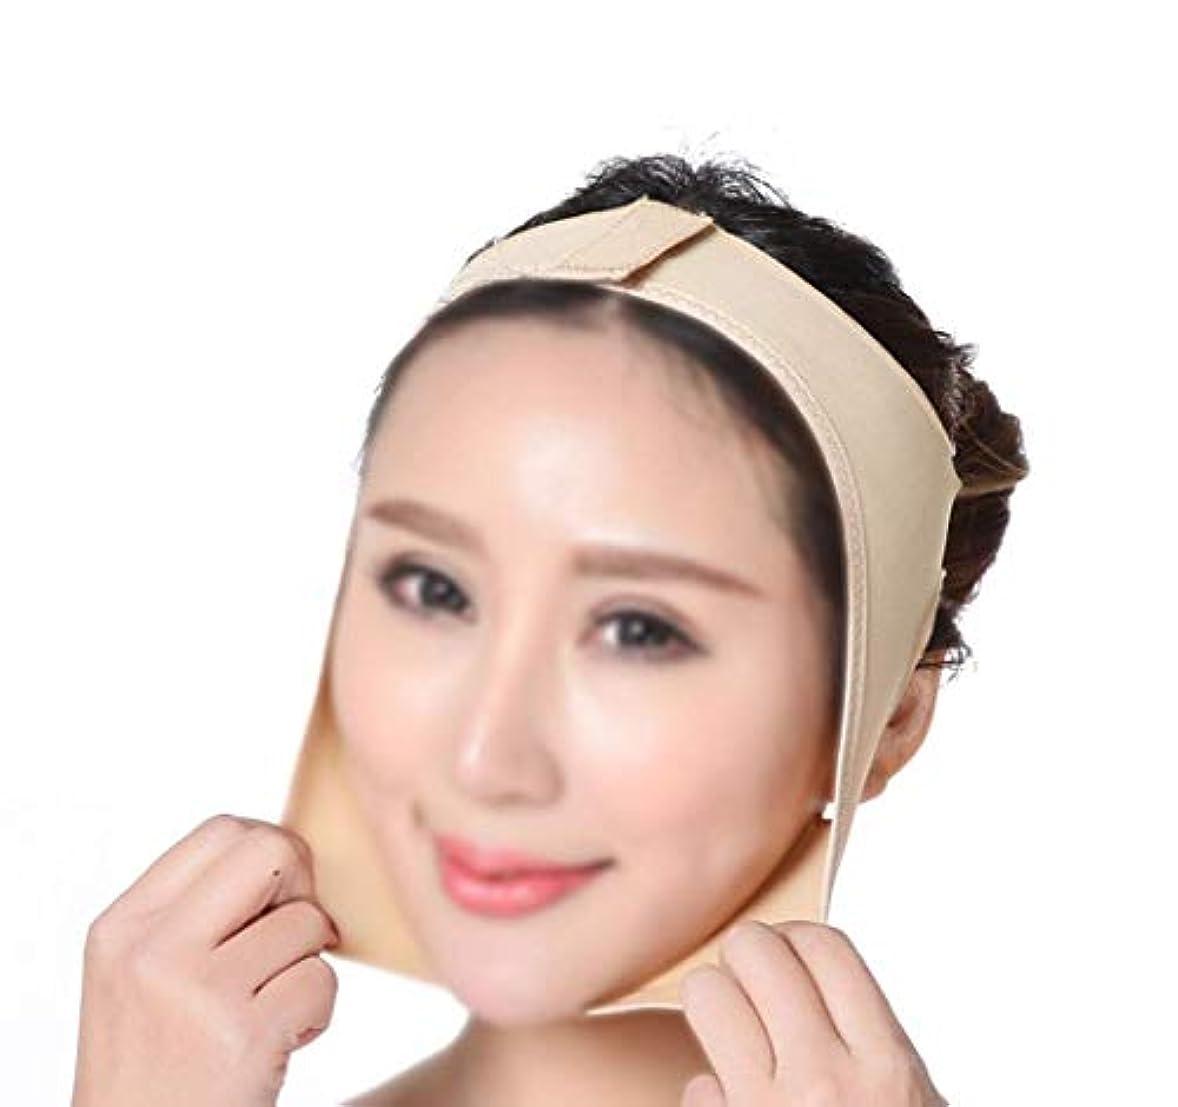 ファーミングフェイスマスク、通気性フェイスバンデージVフェイスデバイススリープ薄型フェイスマスクフェイスマッサージ器具フェイスリフティングフェイスリフティングツール(サイズ:Xl),M